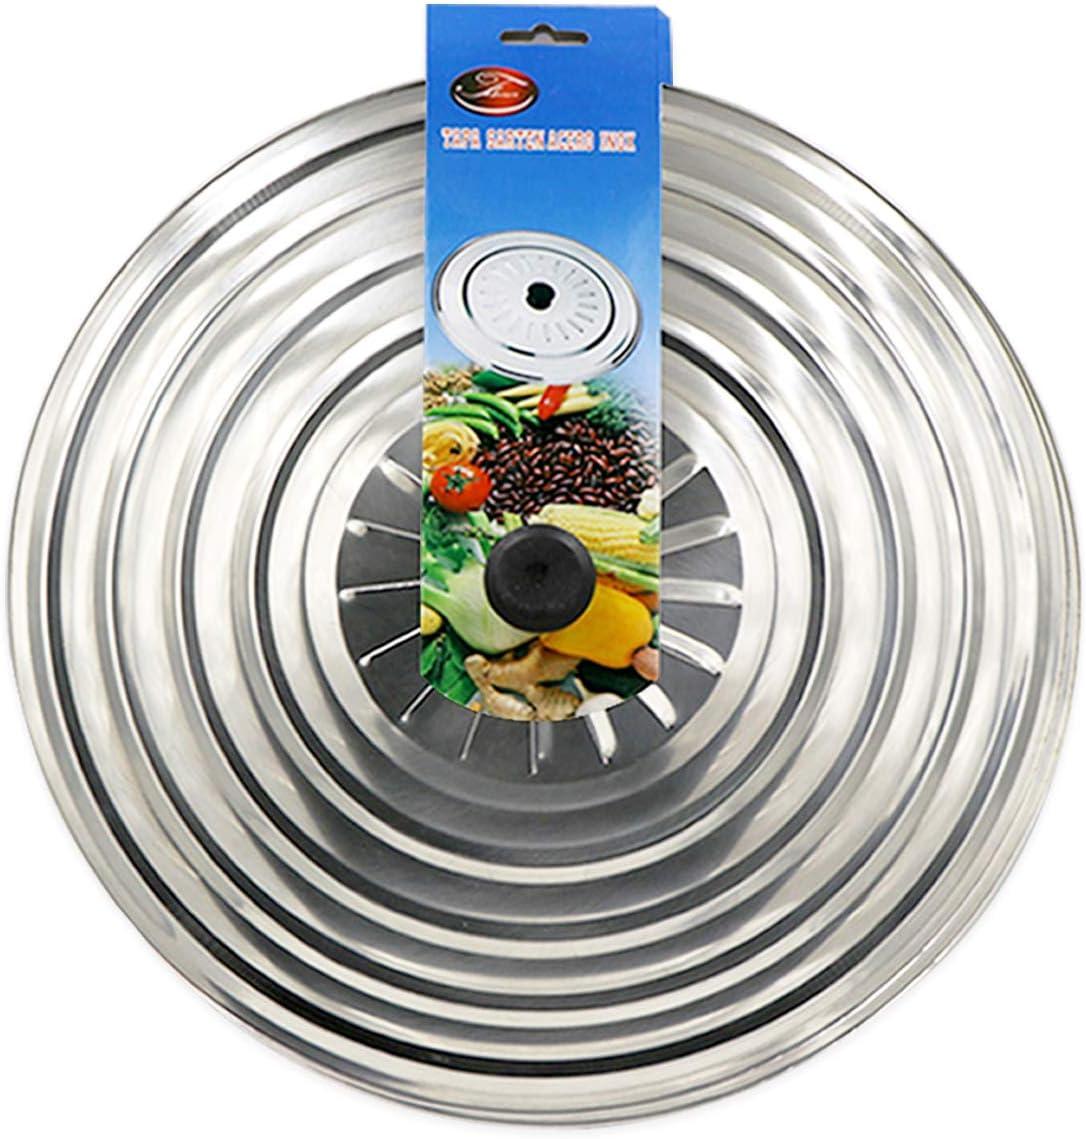 Tapa multiuso para ollas y sartenes, de acero inoxidable. 40 cm. Circulos para el vapor.